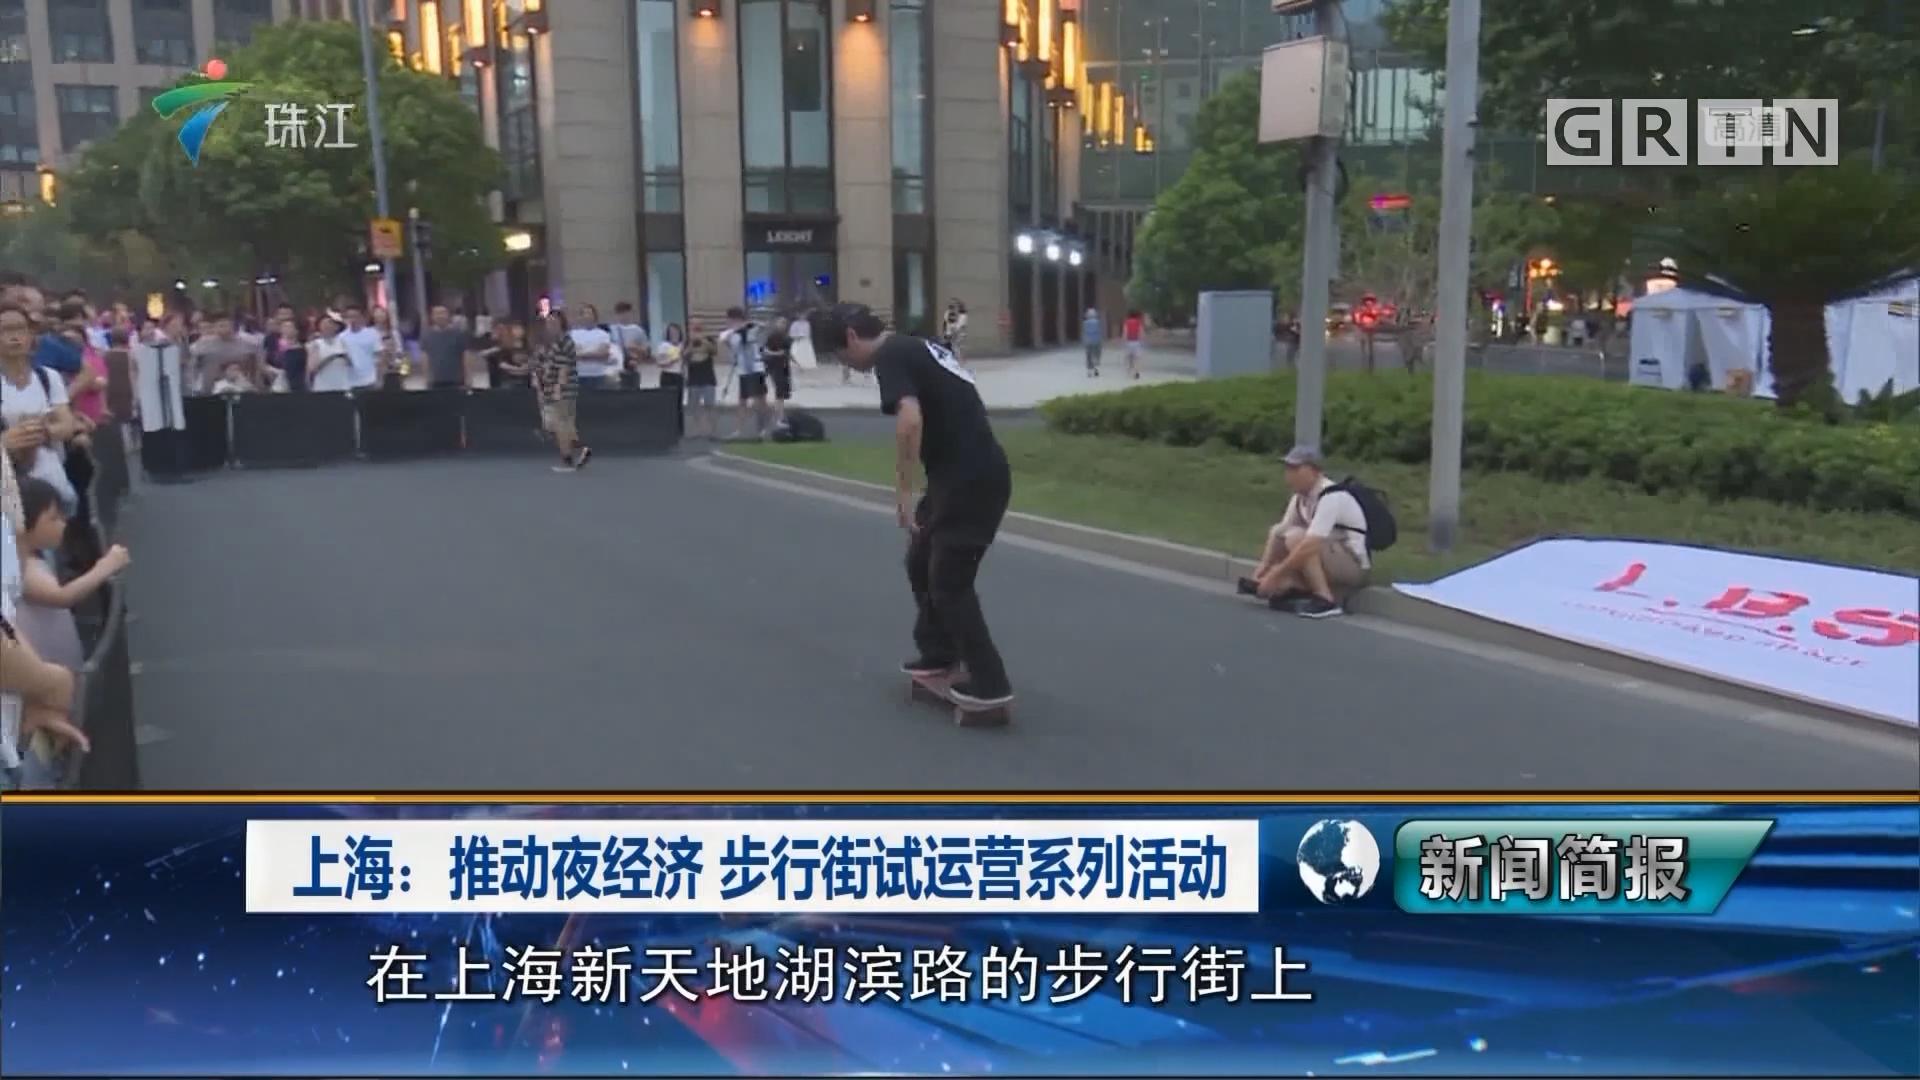 上海:推动夜经济 步行街试运营系列活动